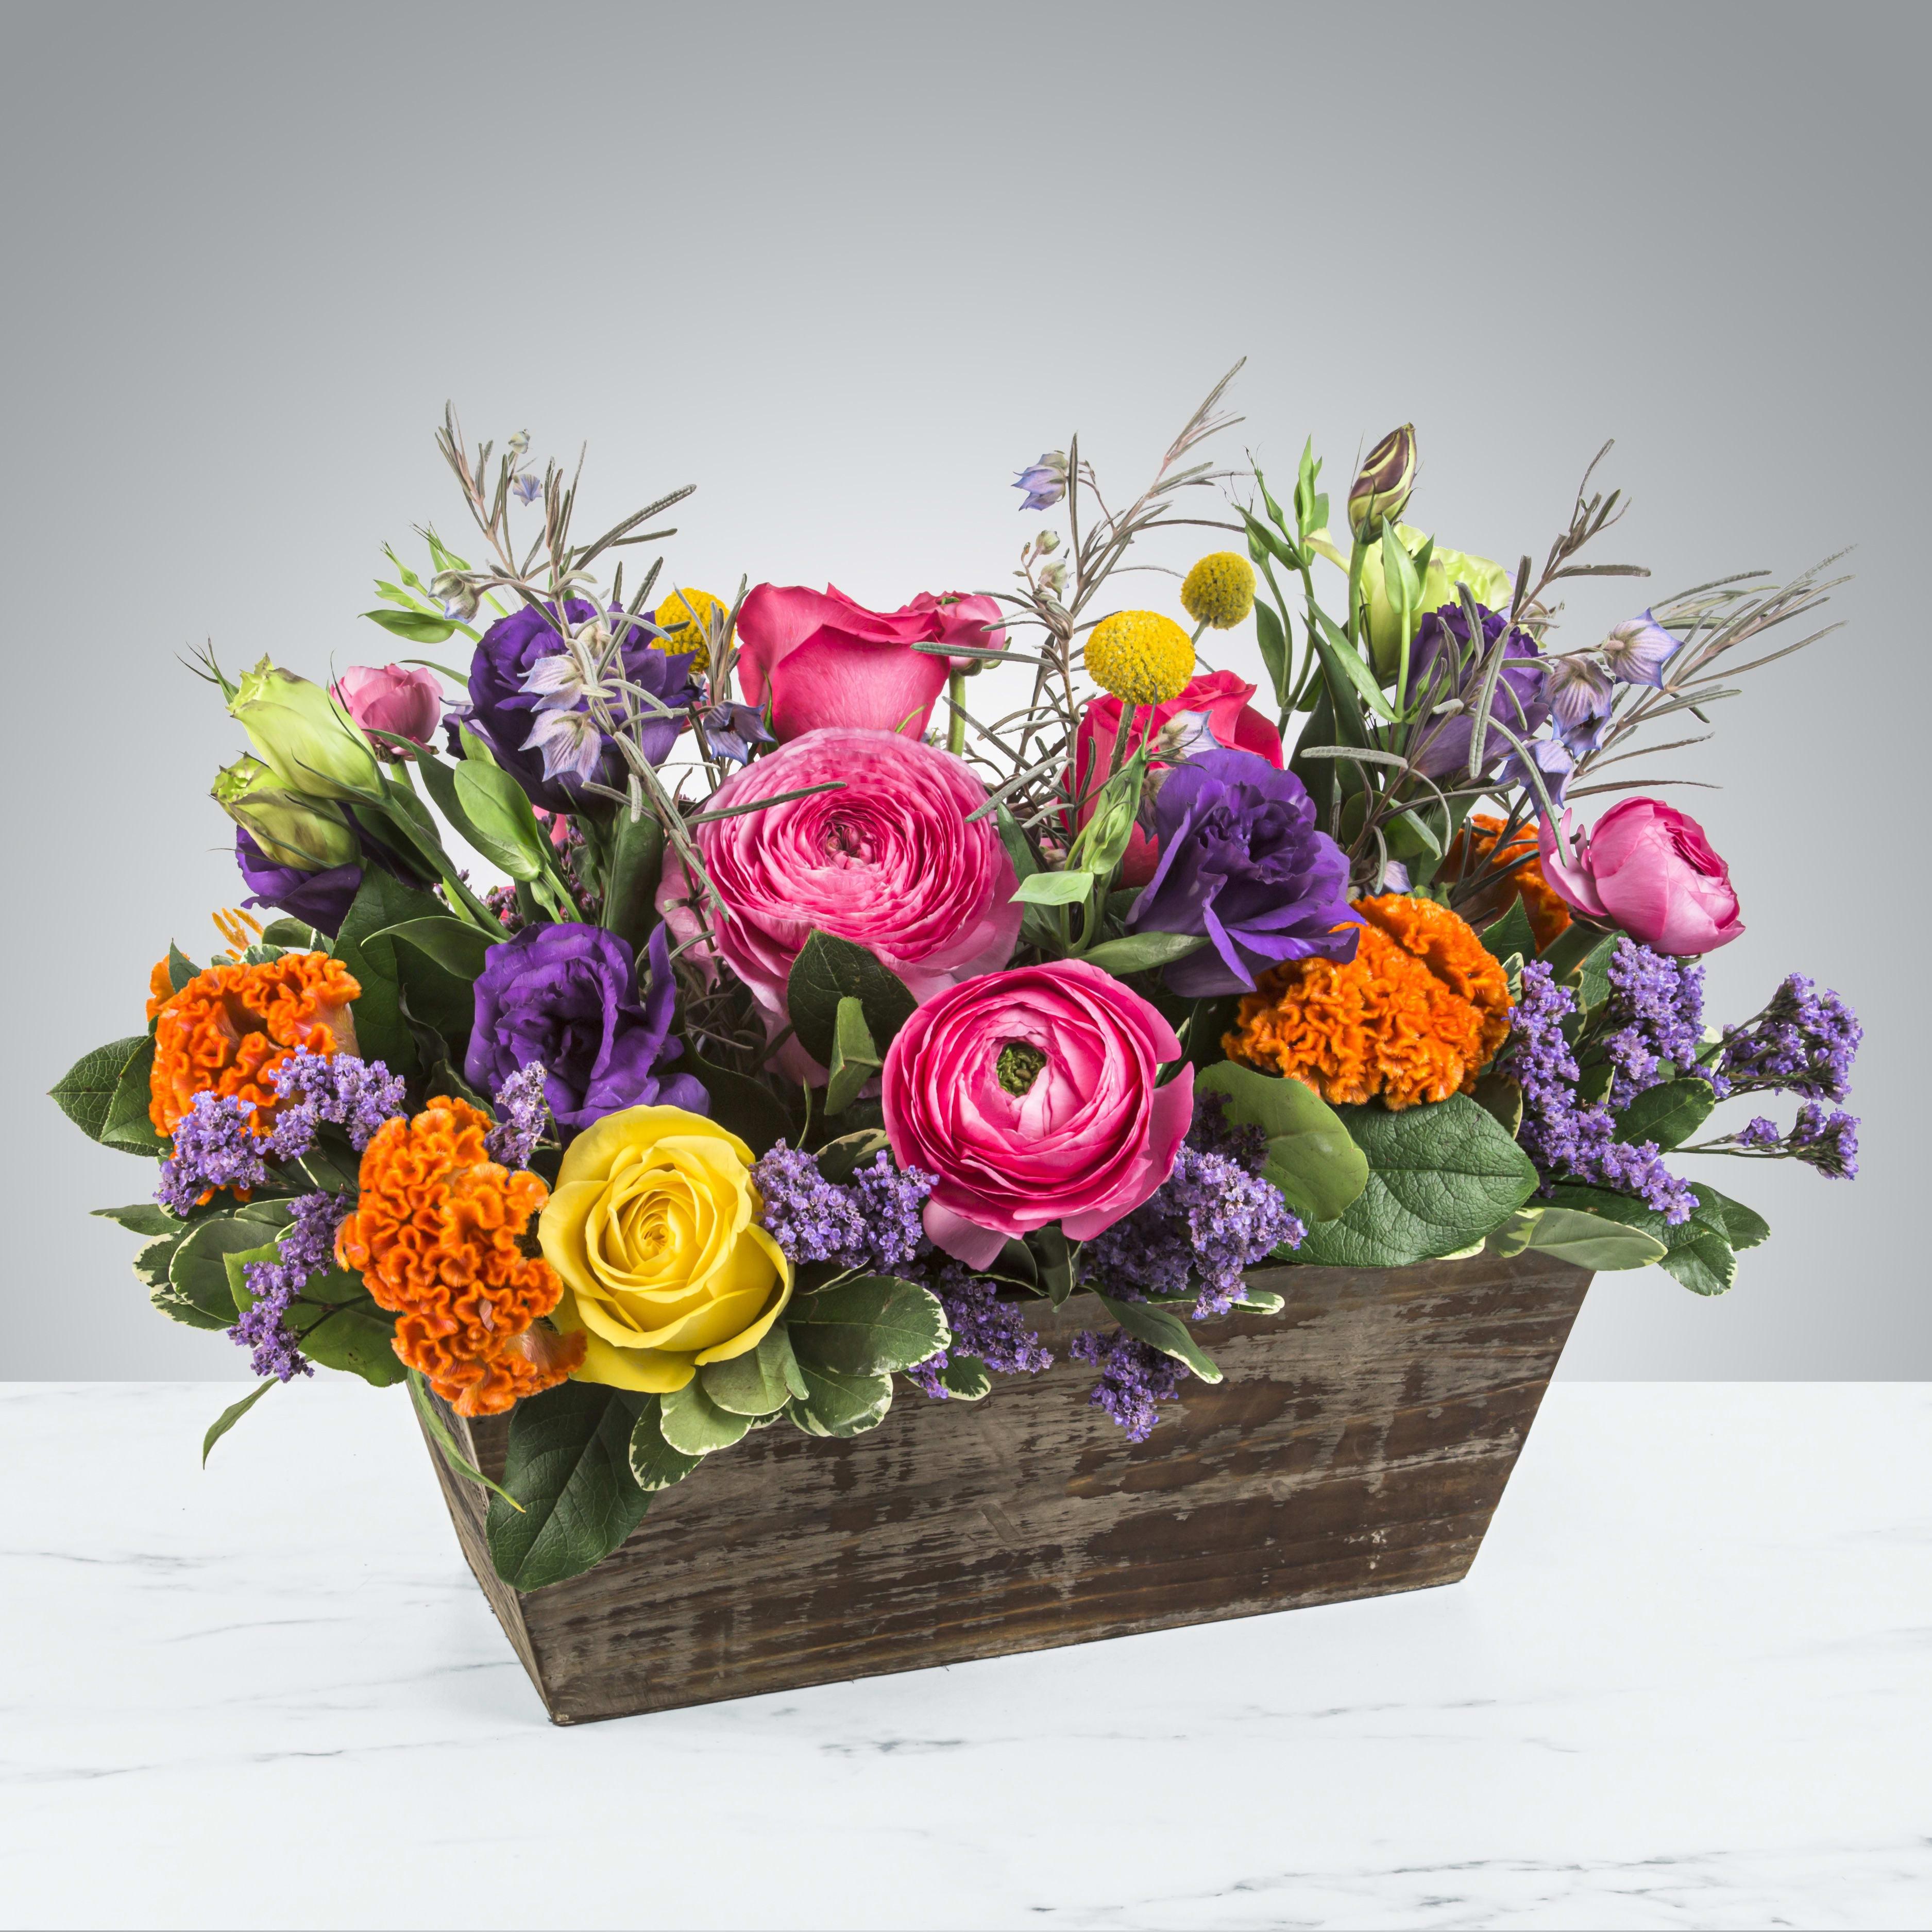 Groovy By Bloomnation In Metuchen Nj Gardenias Floral